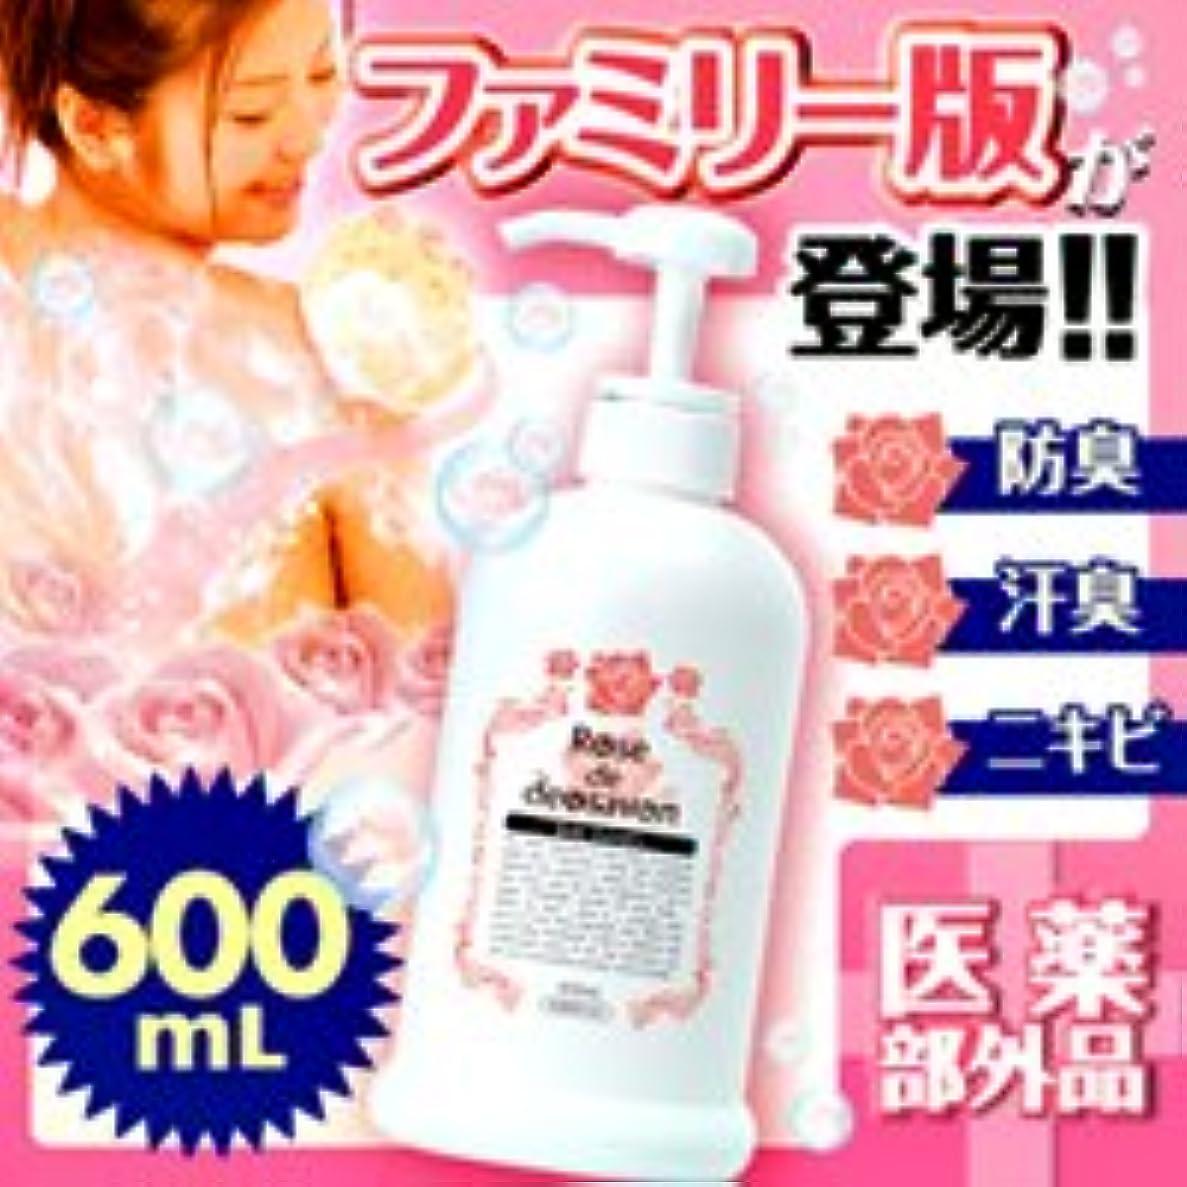 赤外線指令ハードローズドデオシャボン 増量版600ml ※体臭や加齢臭対策に大人気!ファミリー版新登場です!